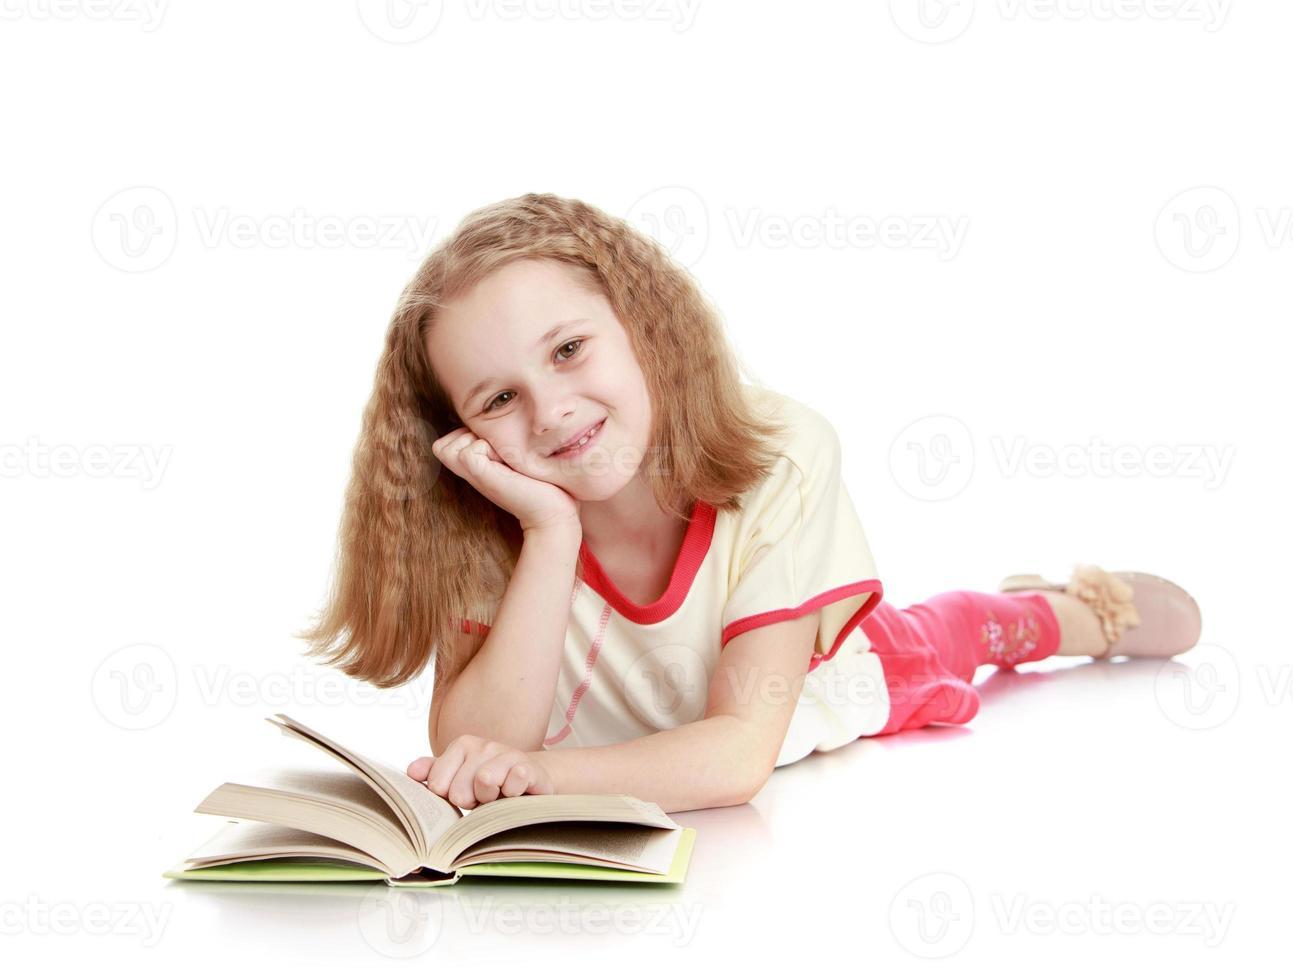 la ragazza giace sul pavimento e legge un libro foto